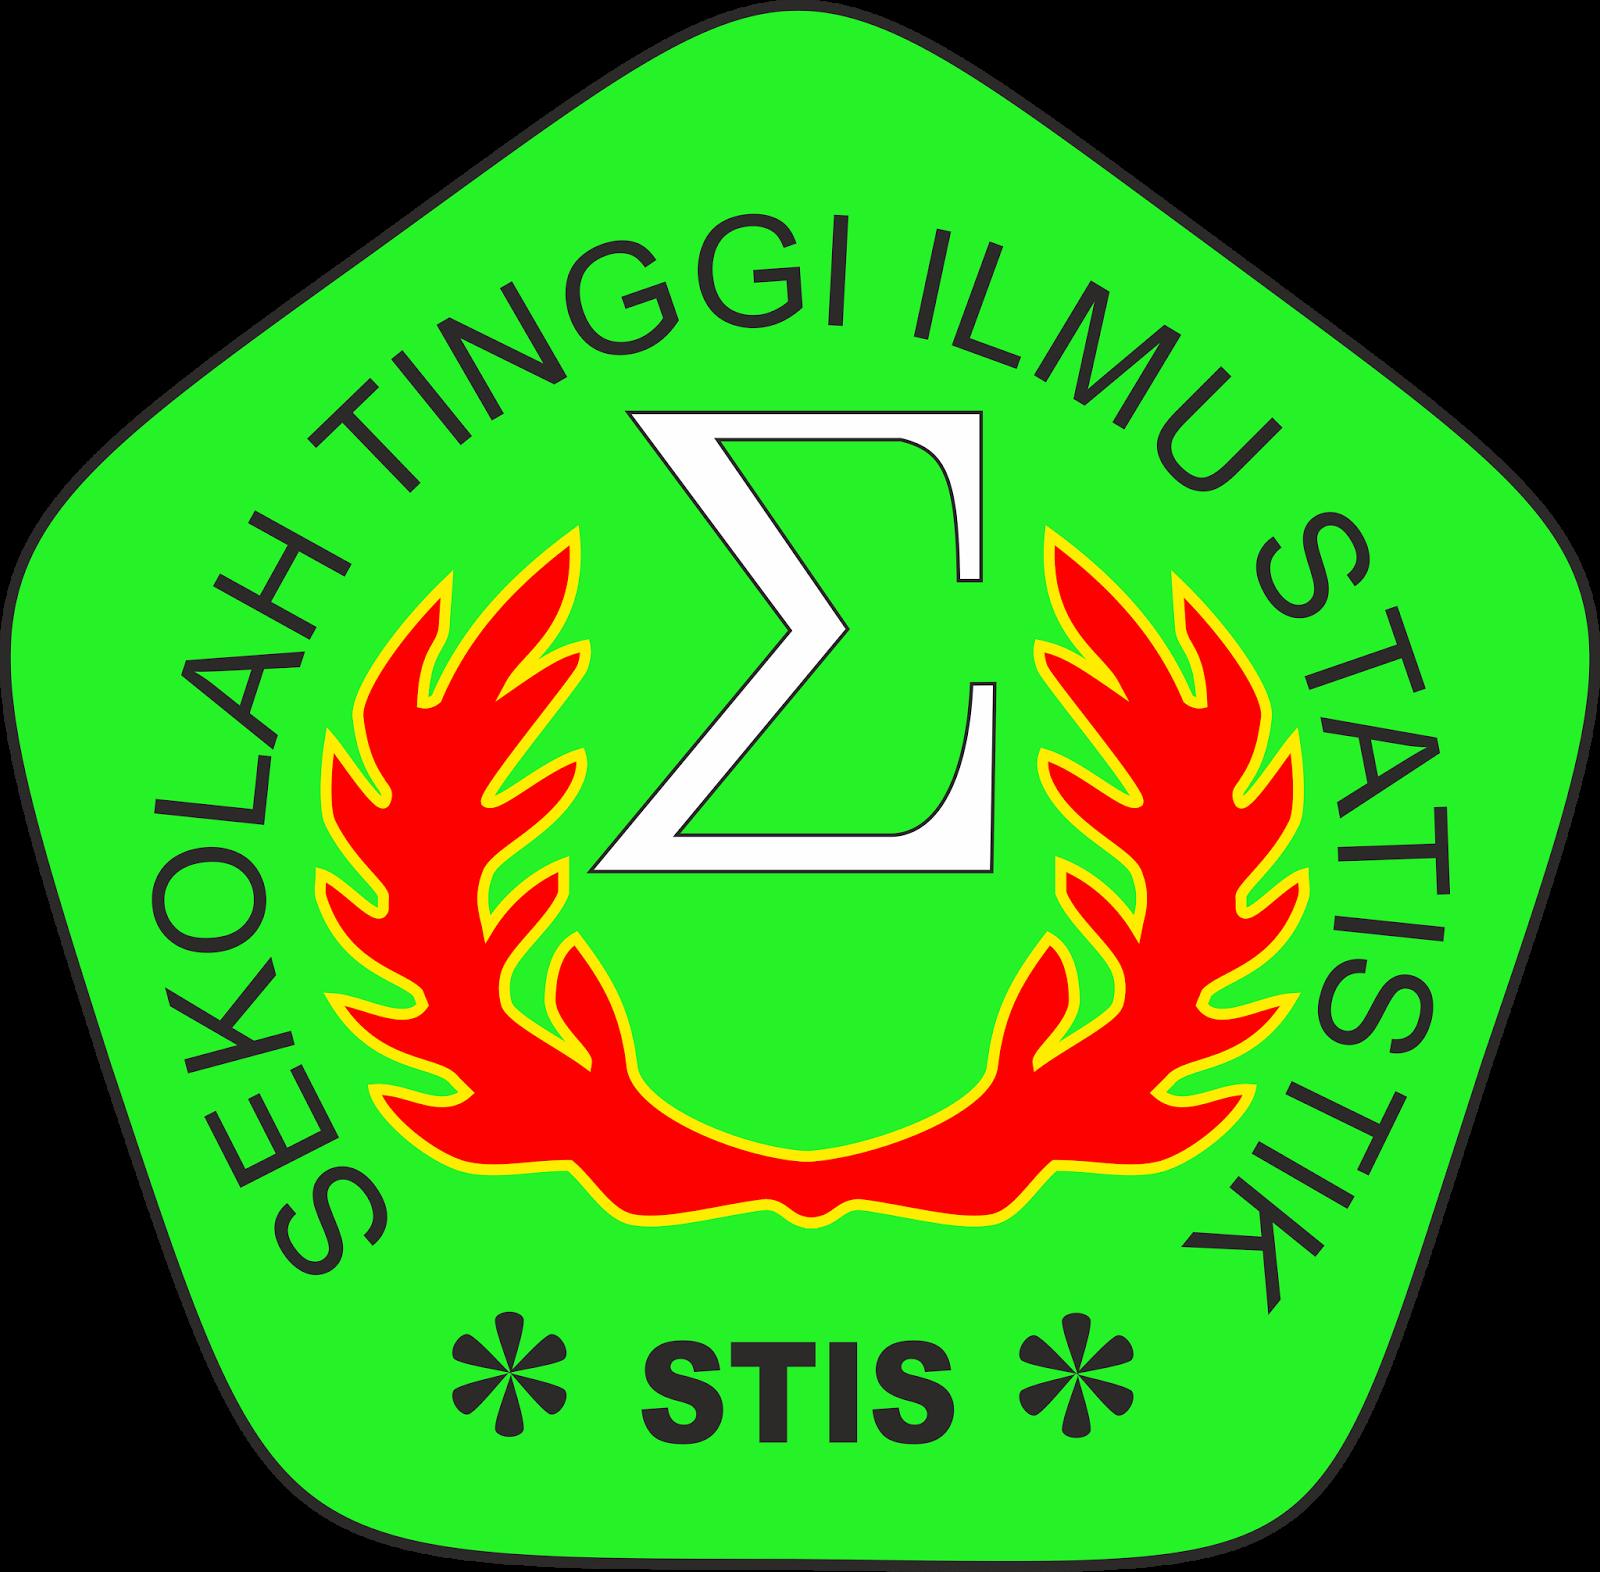 logo stis